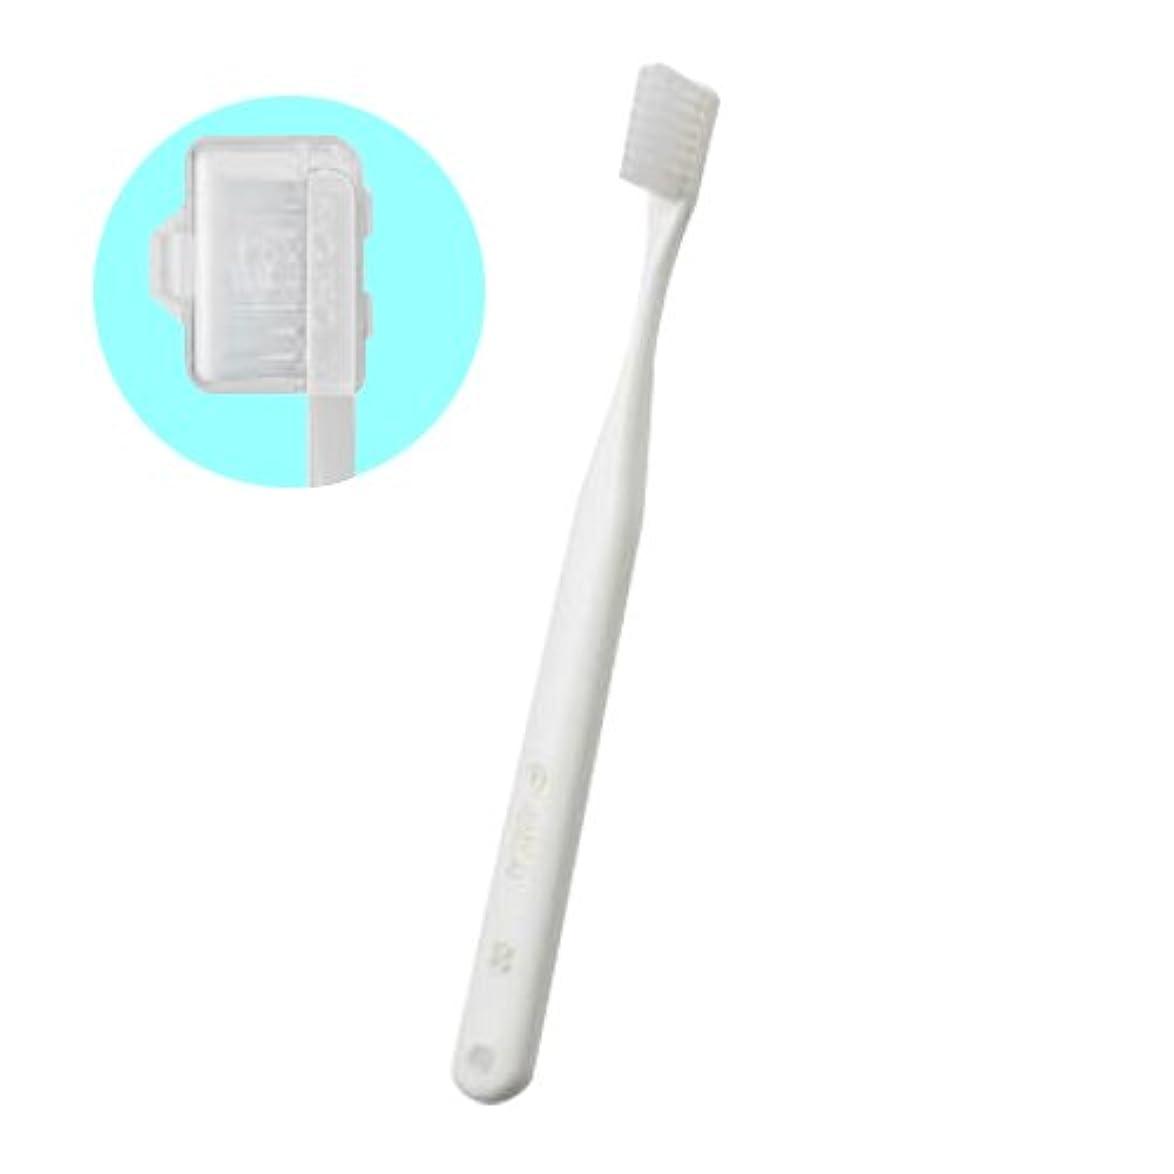 困惑した特権的混合したオーラルケア キャップ付き タフト 24 歯ブラシ エクストラスーパーソフト 1本 (ホワイト)